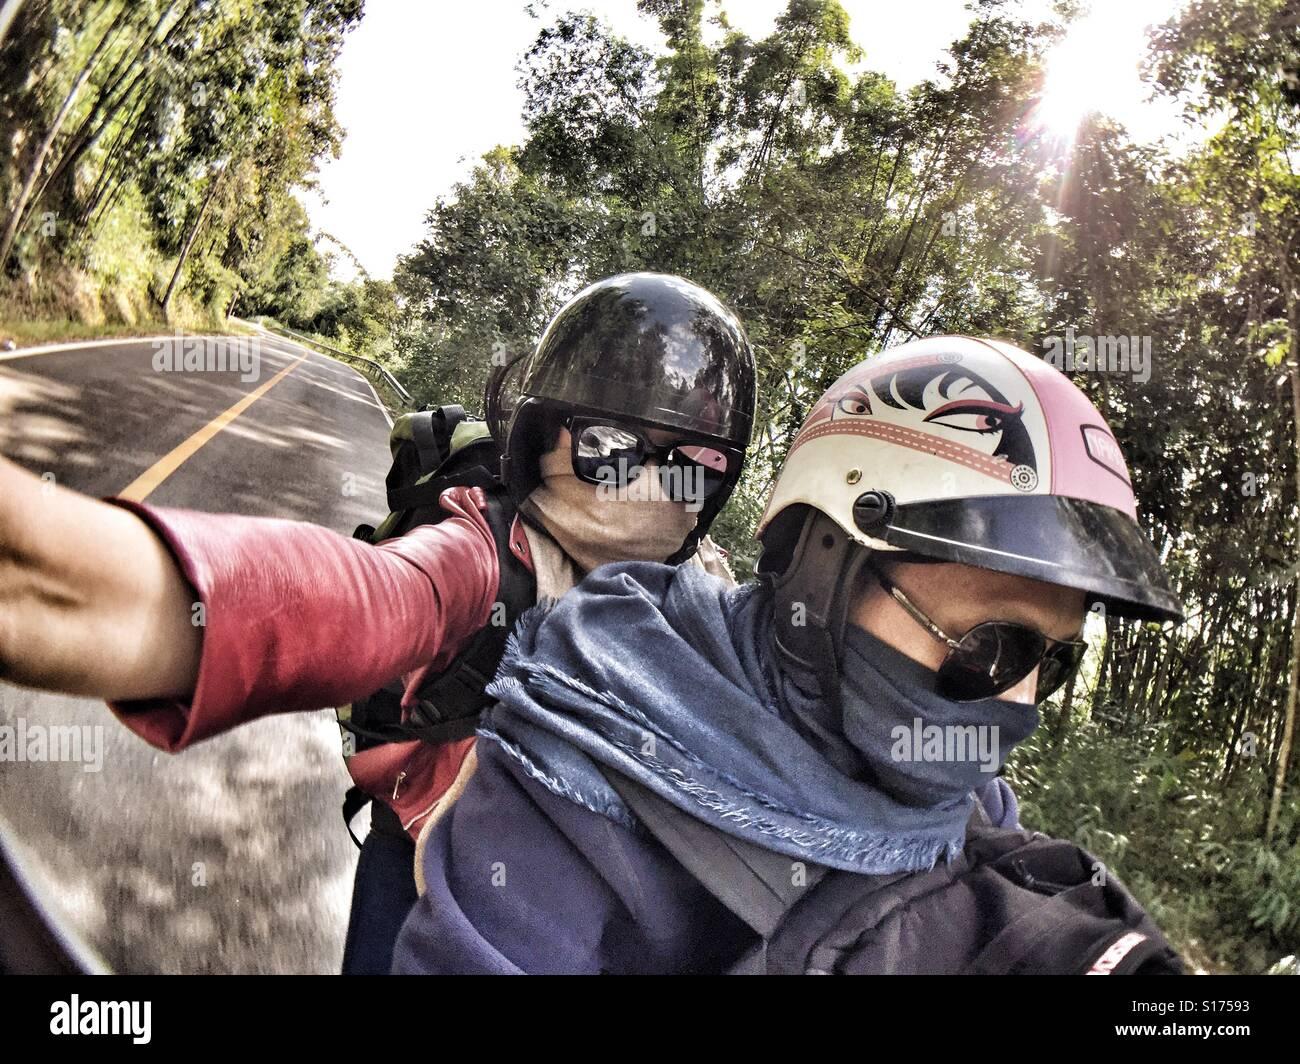 Reisenden Selfie auf MotorradStockfoto